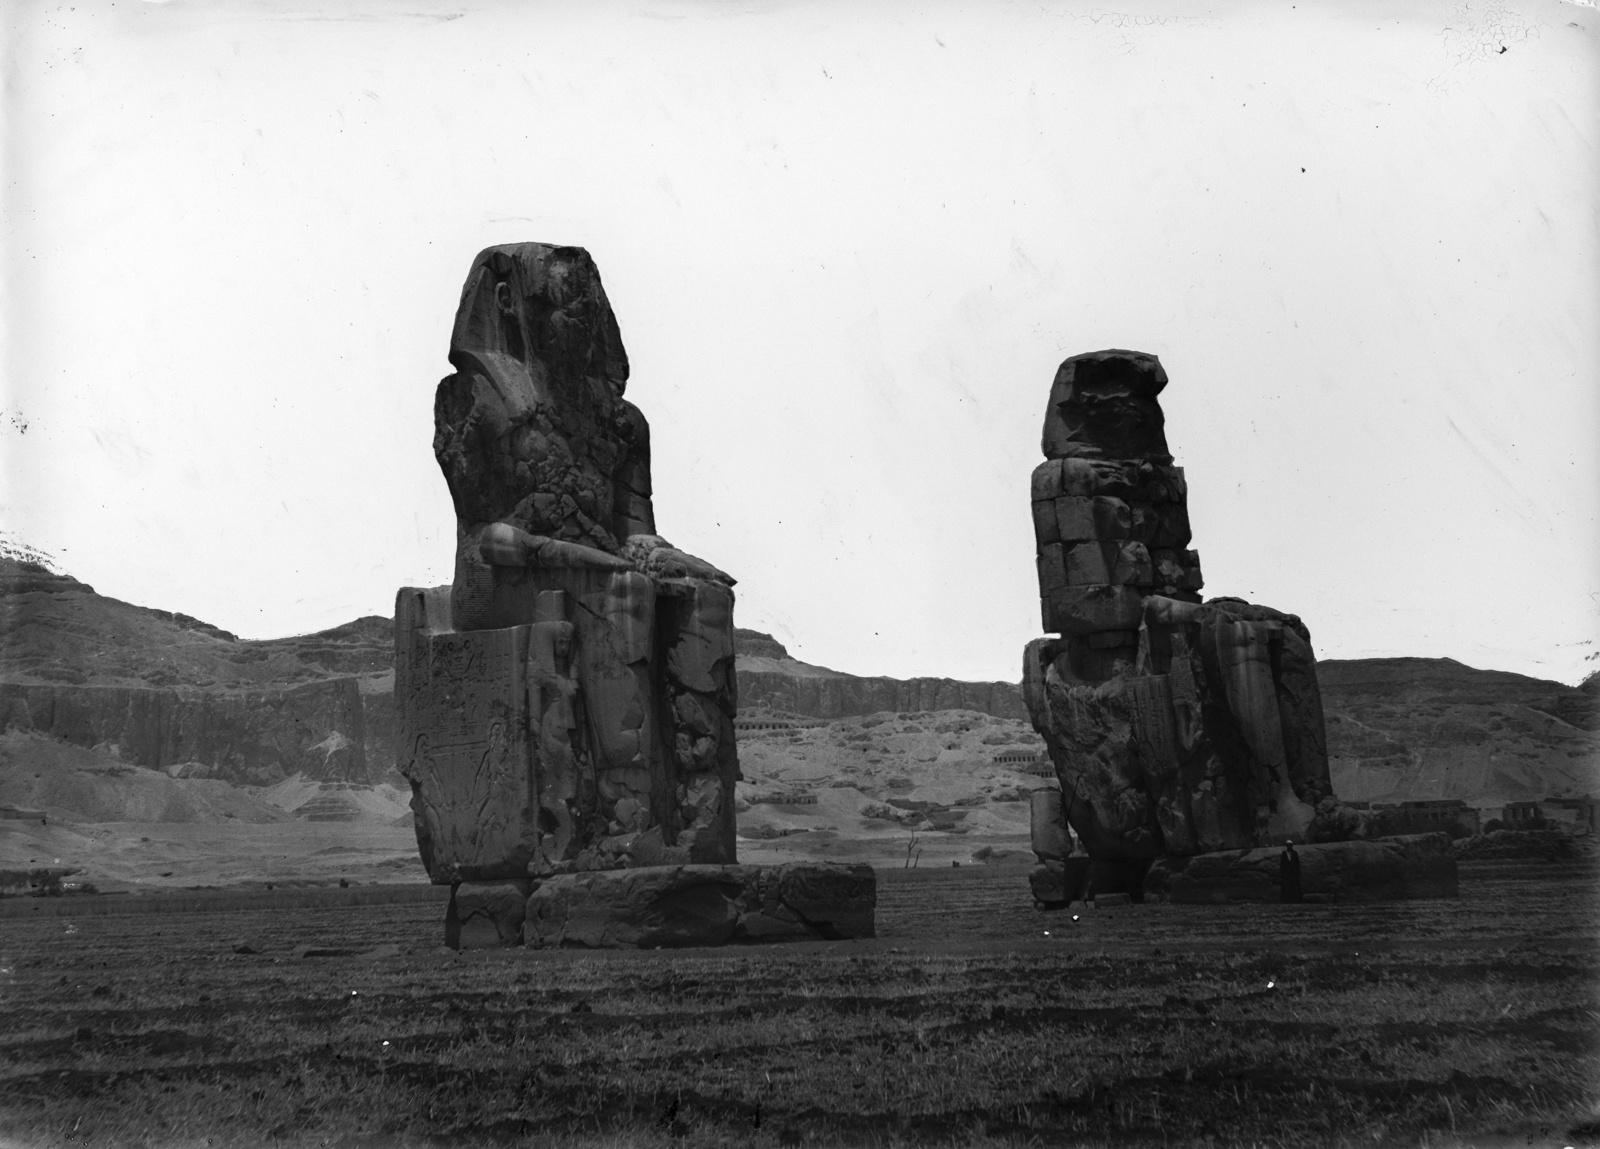 Фивы. Колоссы Мемнона. Две колоссальные статуи возле храма Аменхотепа III